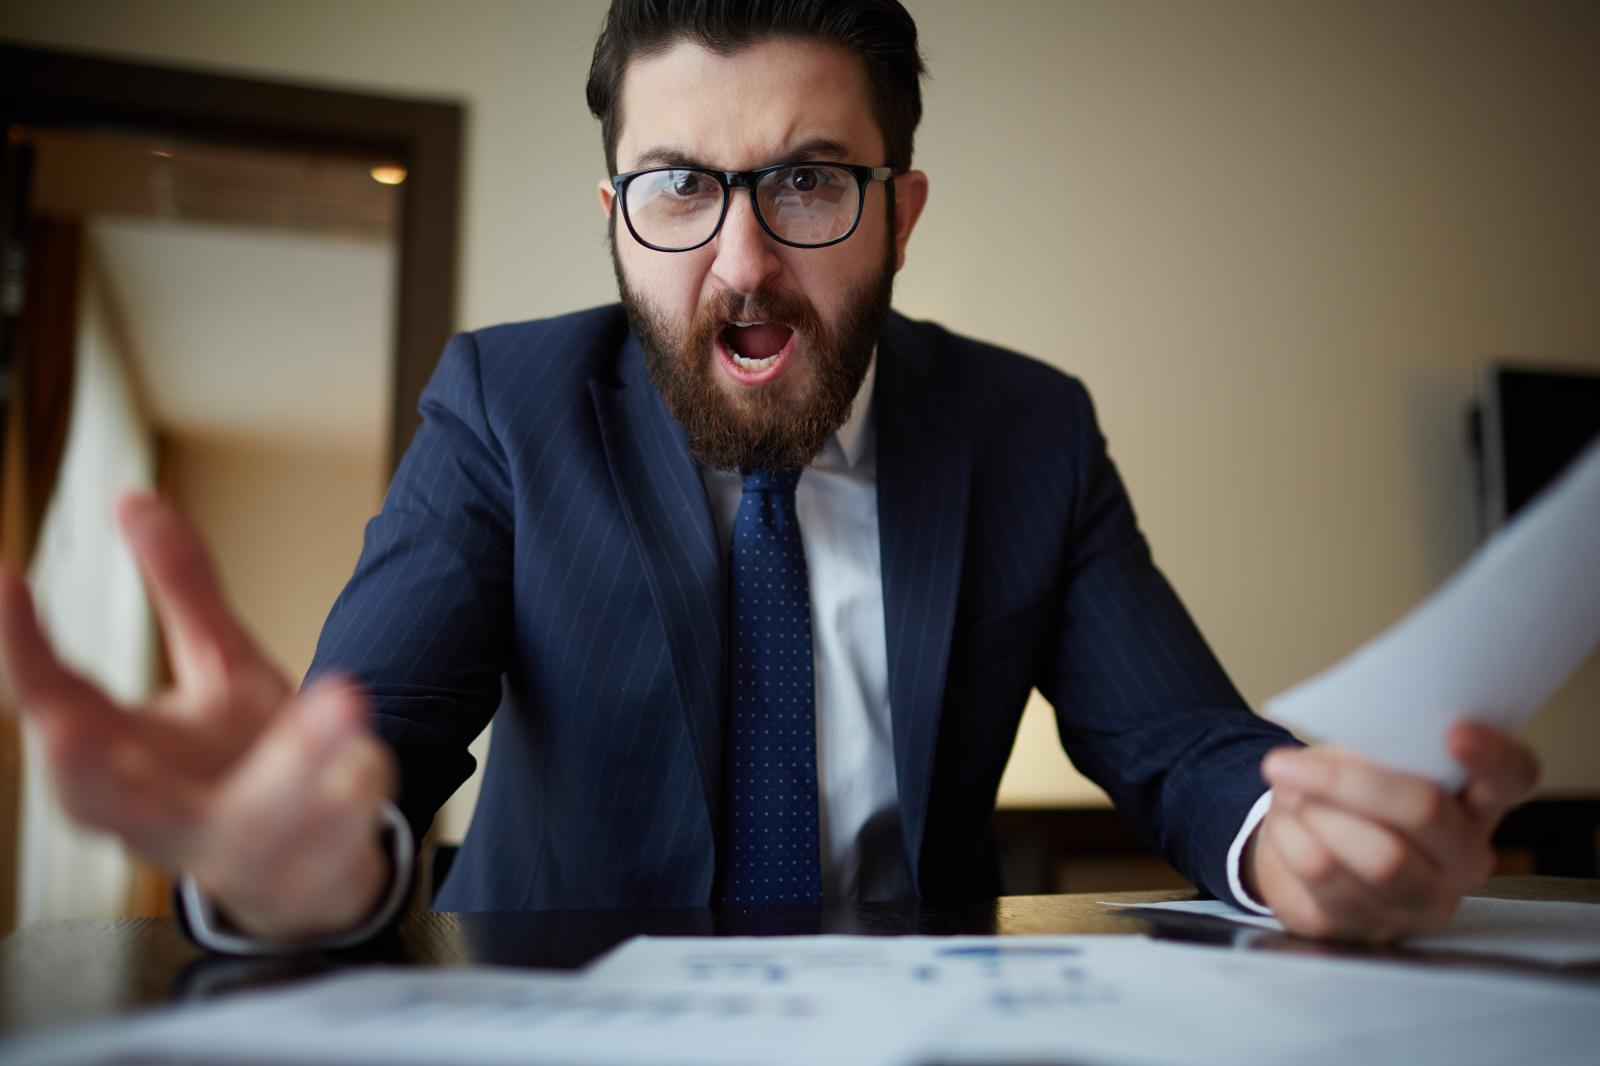 Trabalhadora receberá R$ 100 mil por machismo e desrespeito do superior